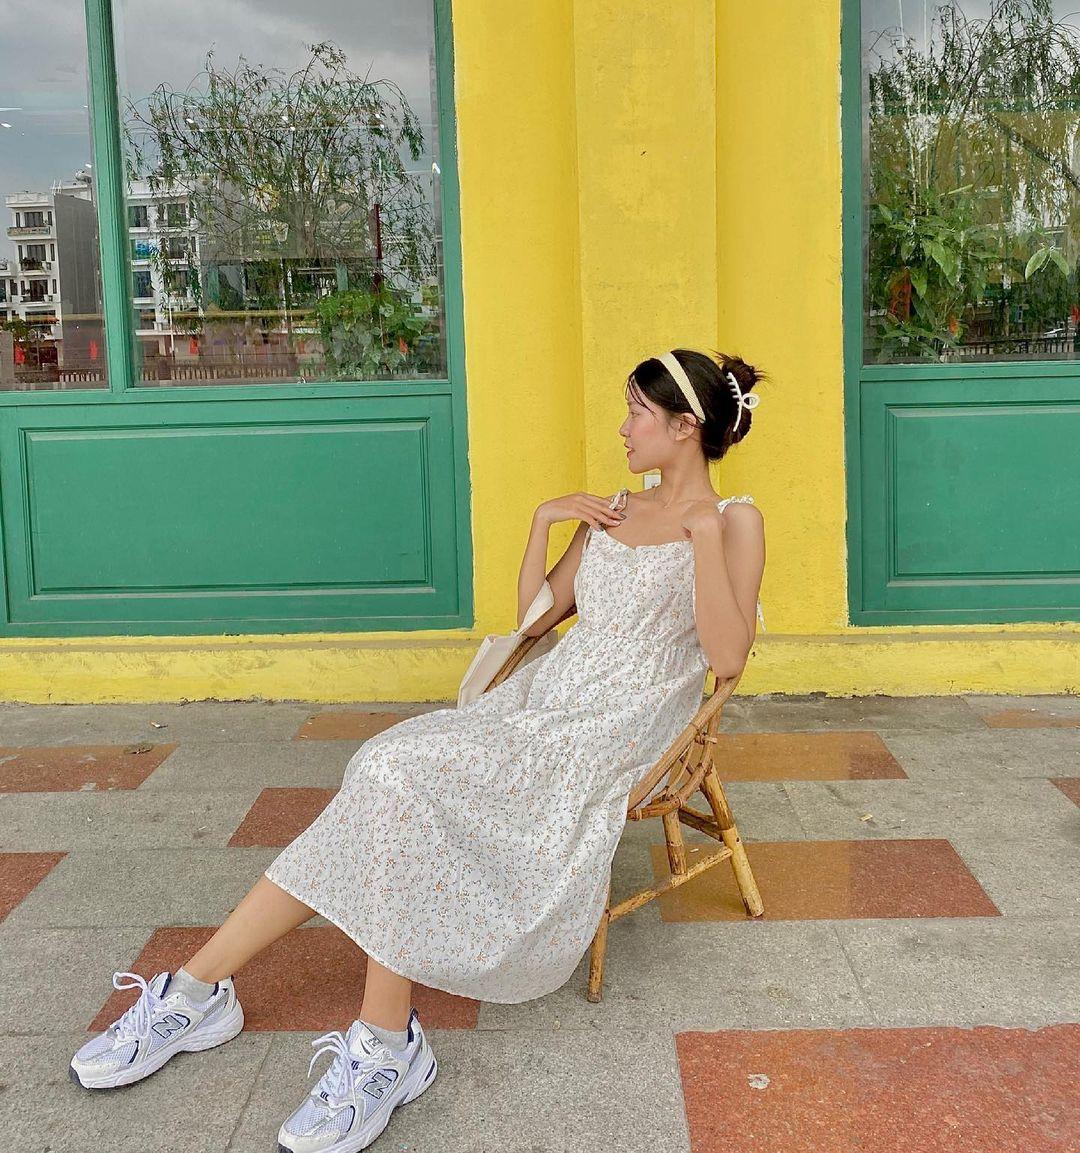 Chị em nhờ tìm váy hoa, Xoài Non trả hàng luôn vài mẫu xinh tươi giá rẻ giật mình chỉ từ 89k - Ảnh 6.